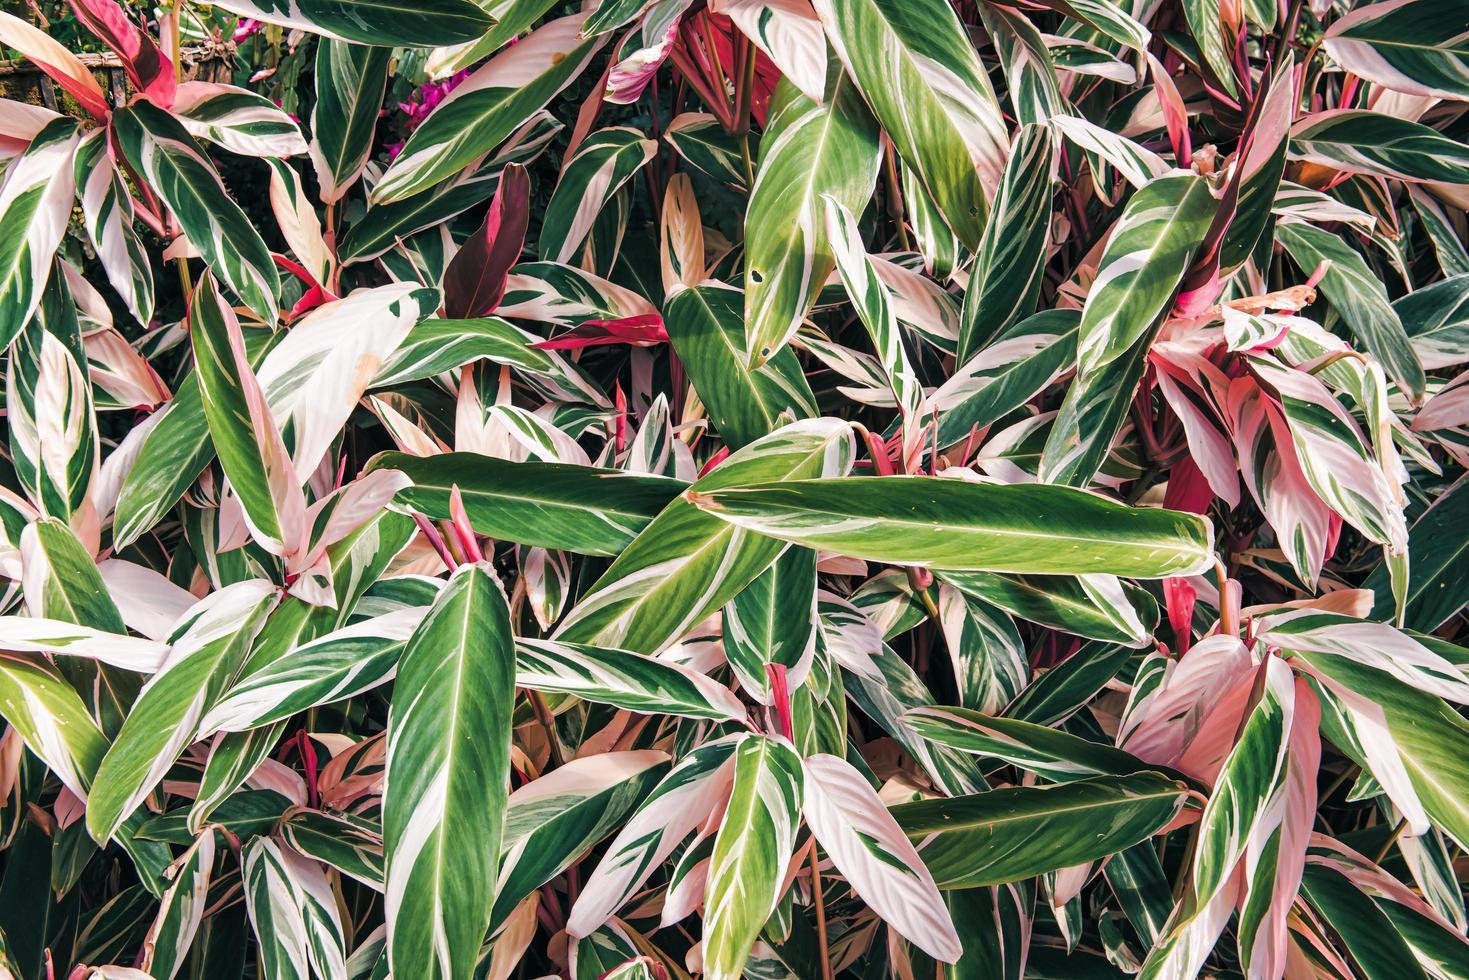 fond de plante feuille nature tropicale photo